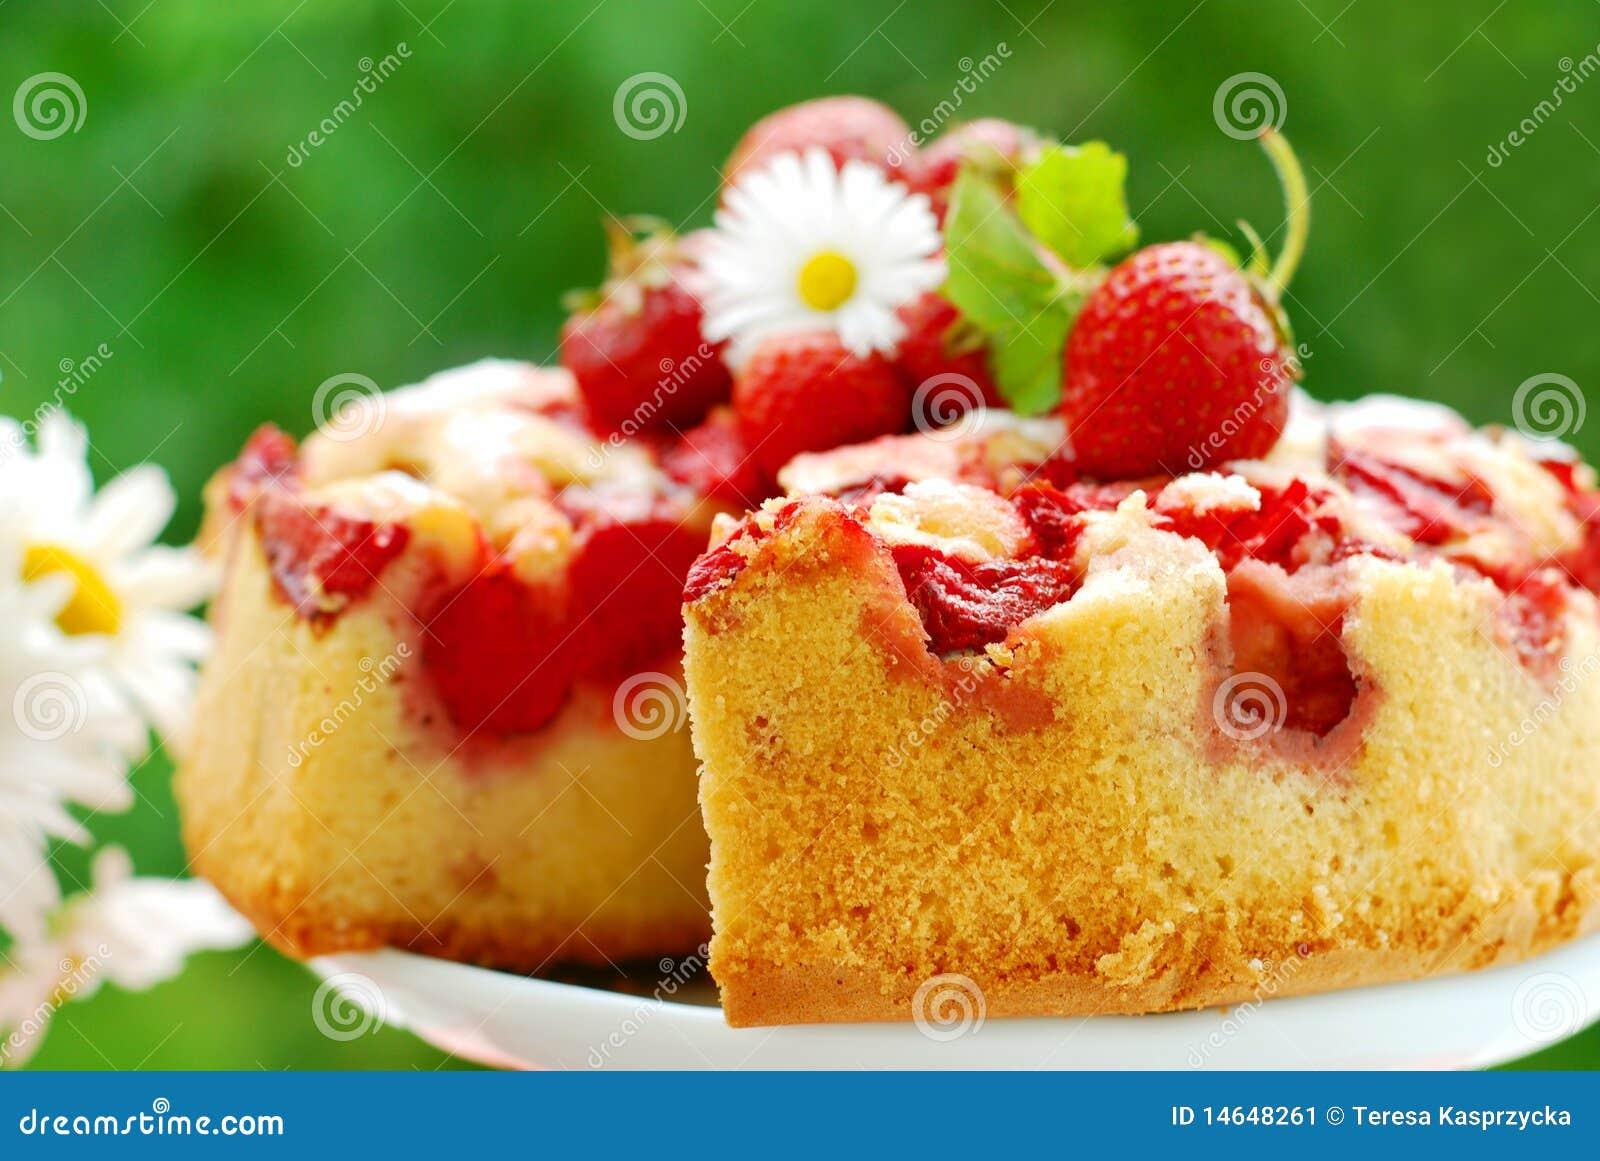 Erdbeerekuchen auf Tabelle im Garten